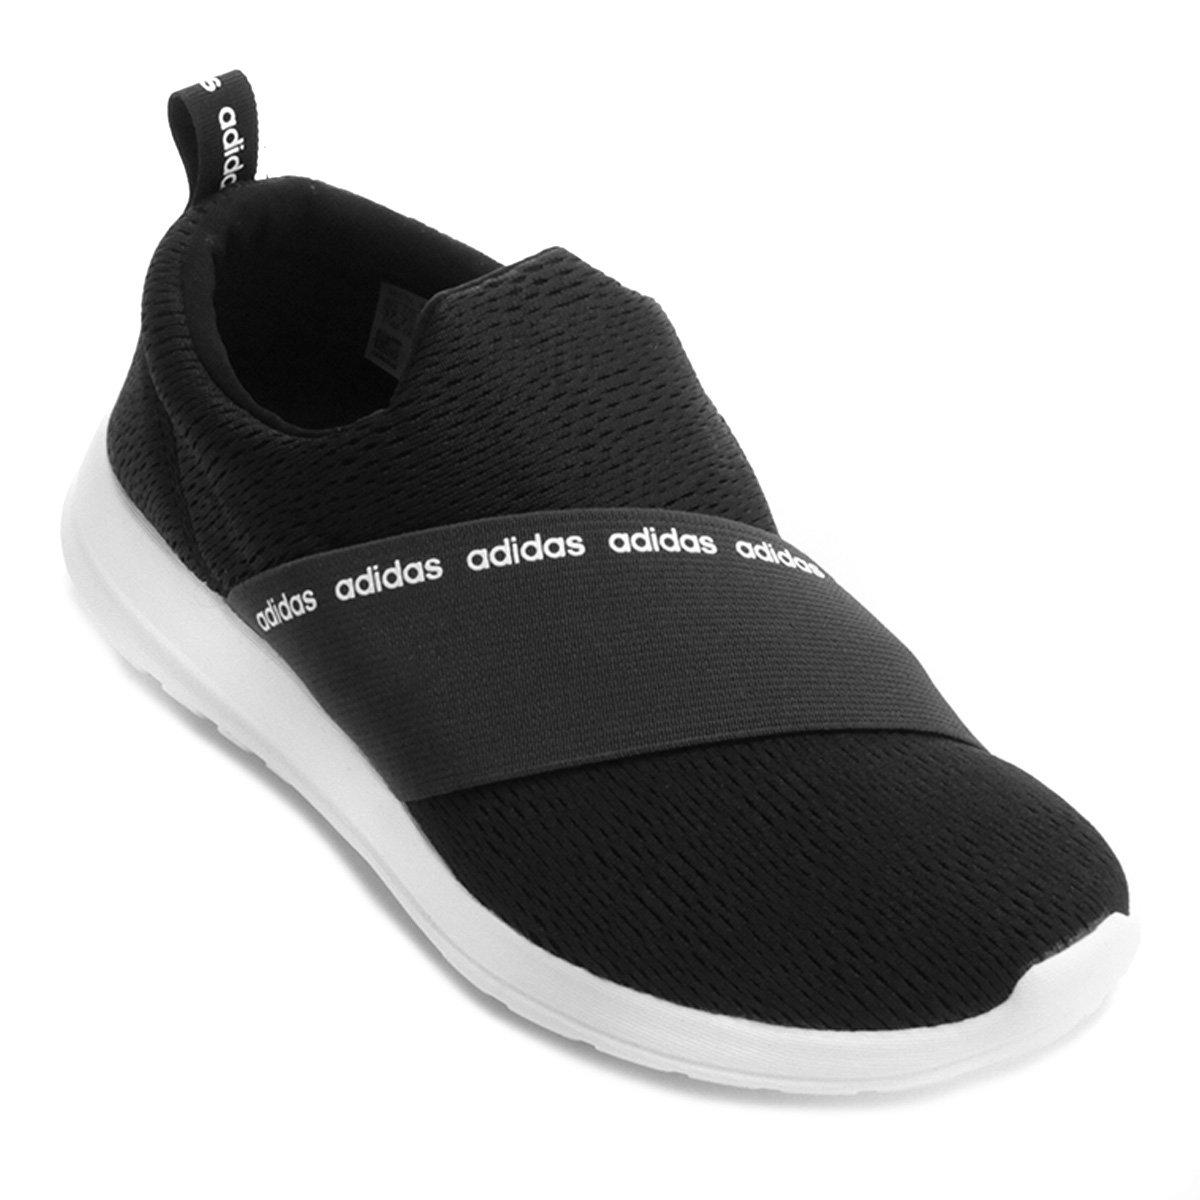 Tênis Adidas Cf Refine Adapt W Feminino - Preto - Compre Agora  94c9f4caf3706